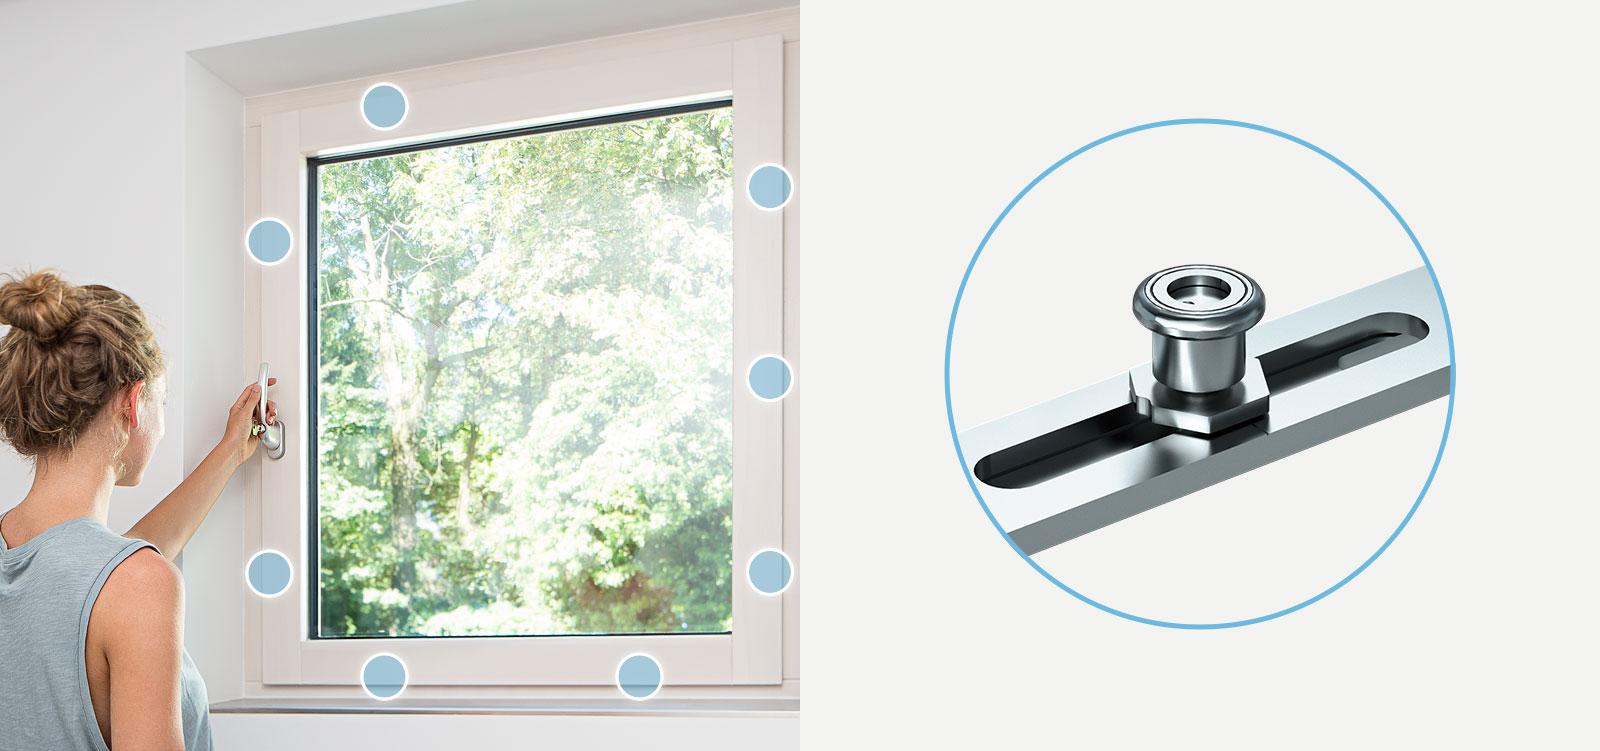 Fenster aus holz oder kunststoff for Fenster pilzkopf